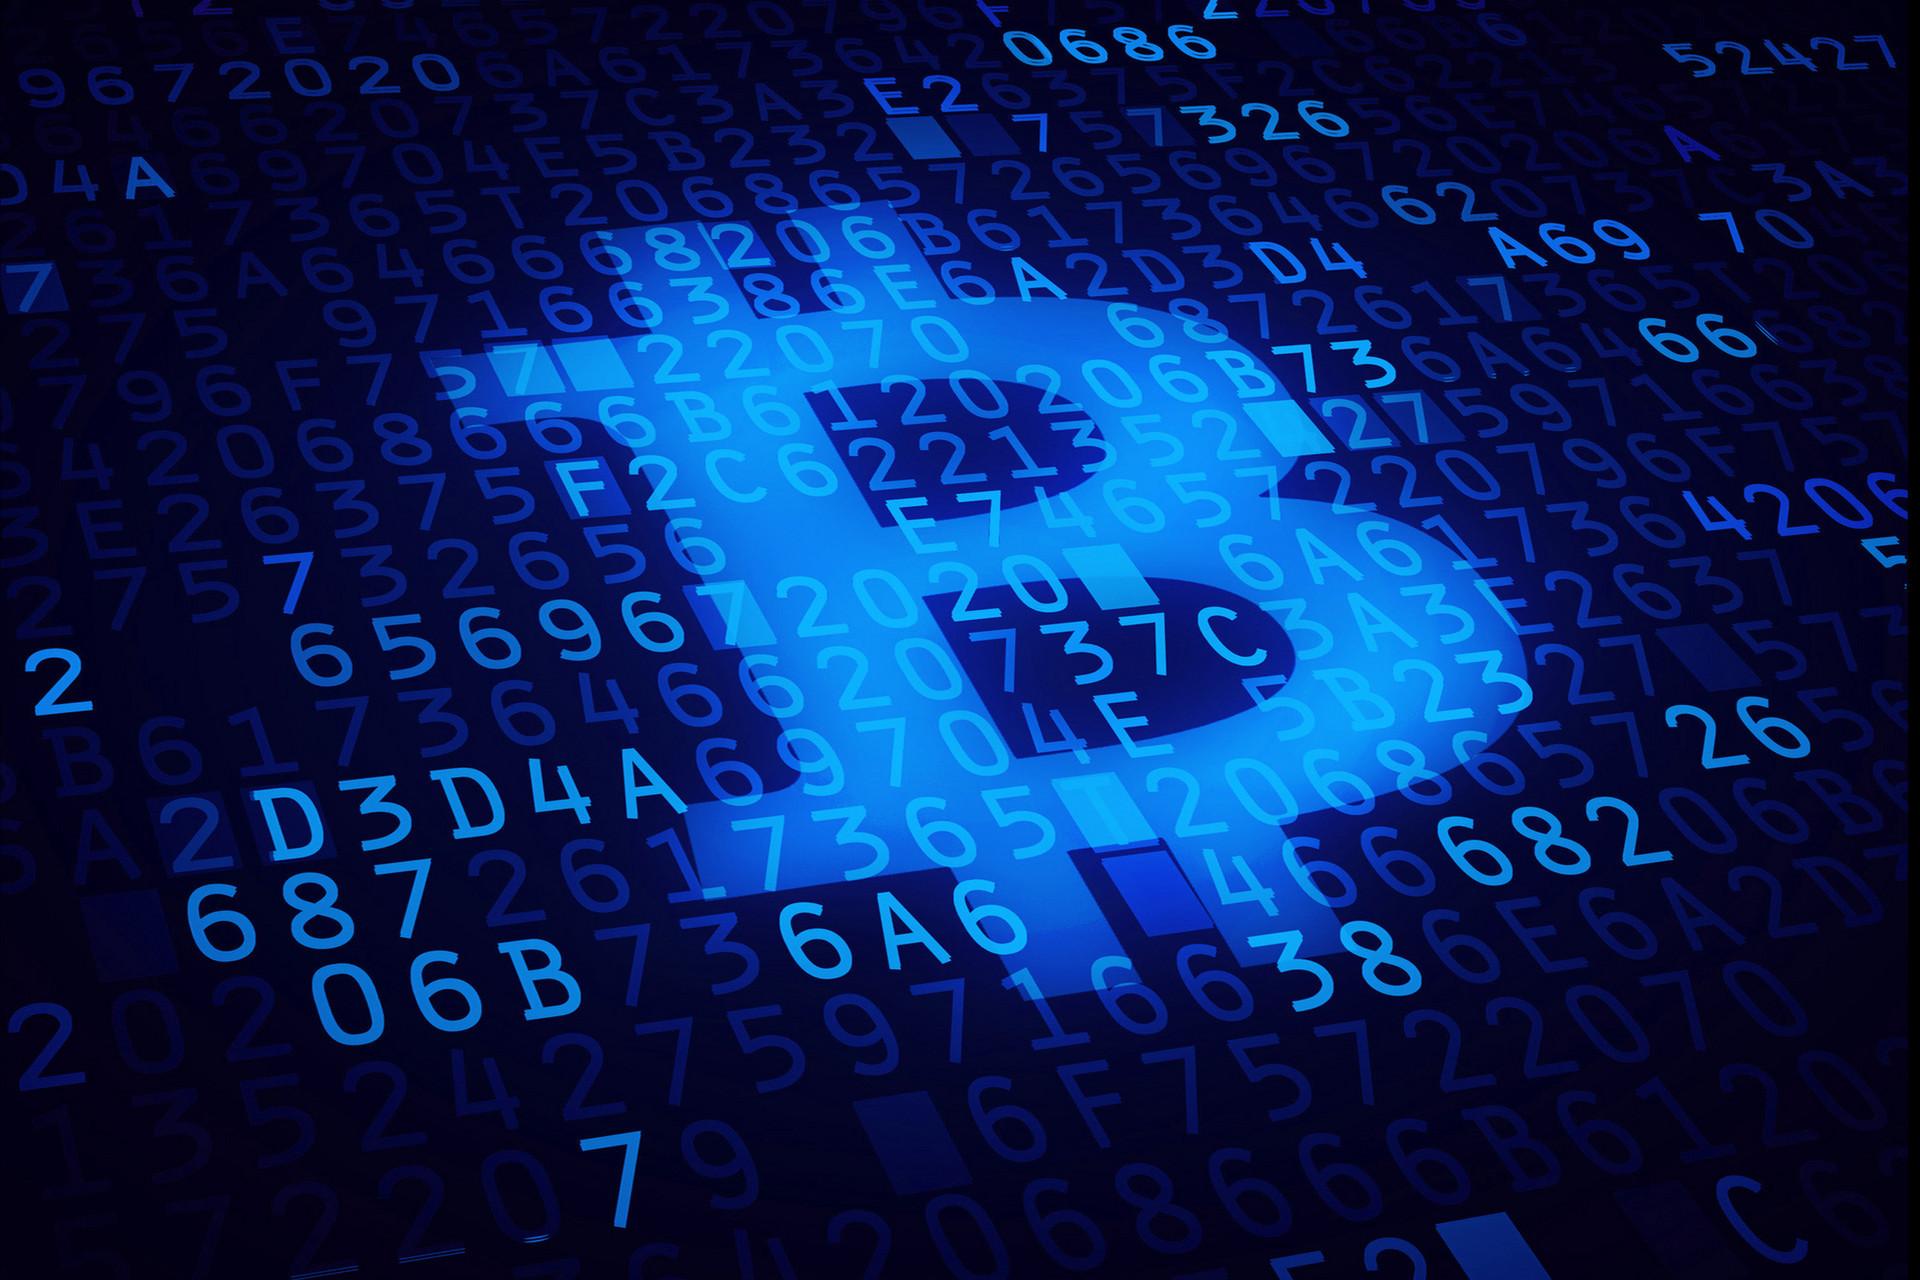 叫嚣双11暴富100倍!虚拟币交易所围猎投资者!最新最快的虚拟币资讯尽在--www.wj198.com